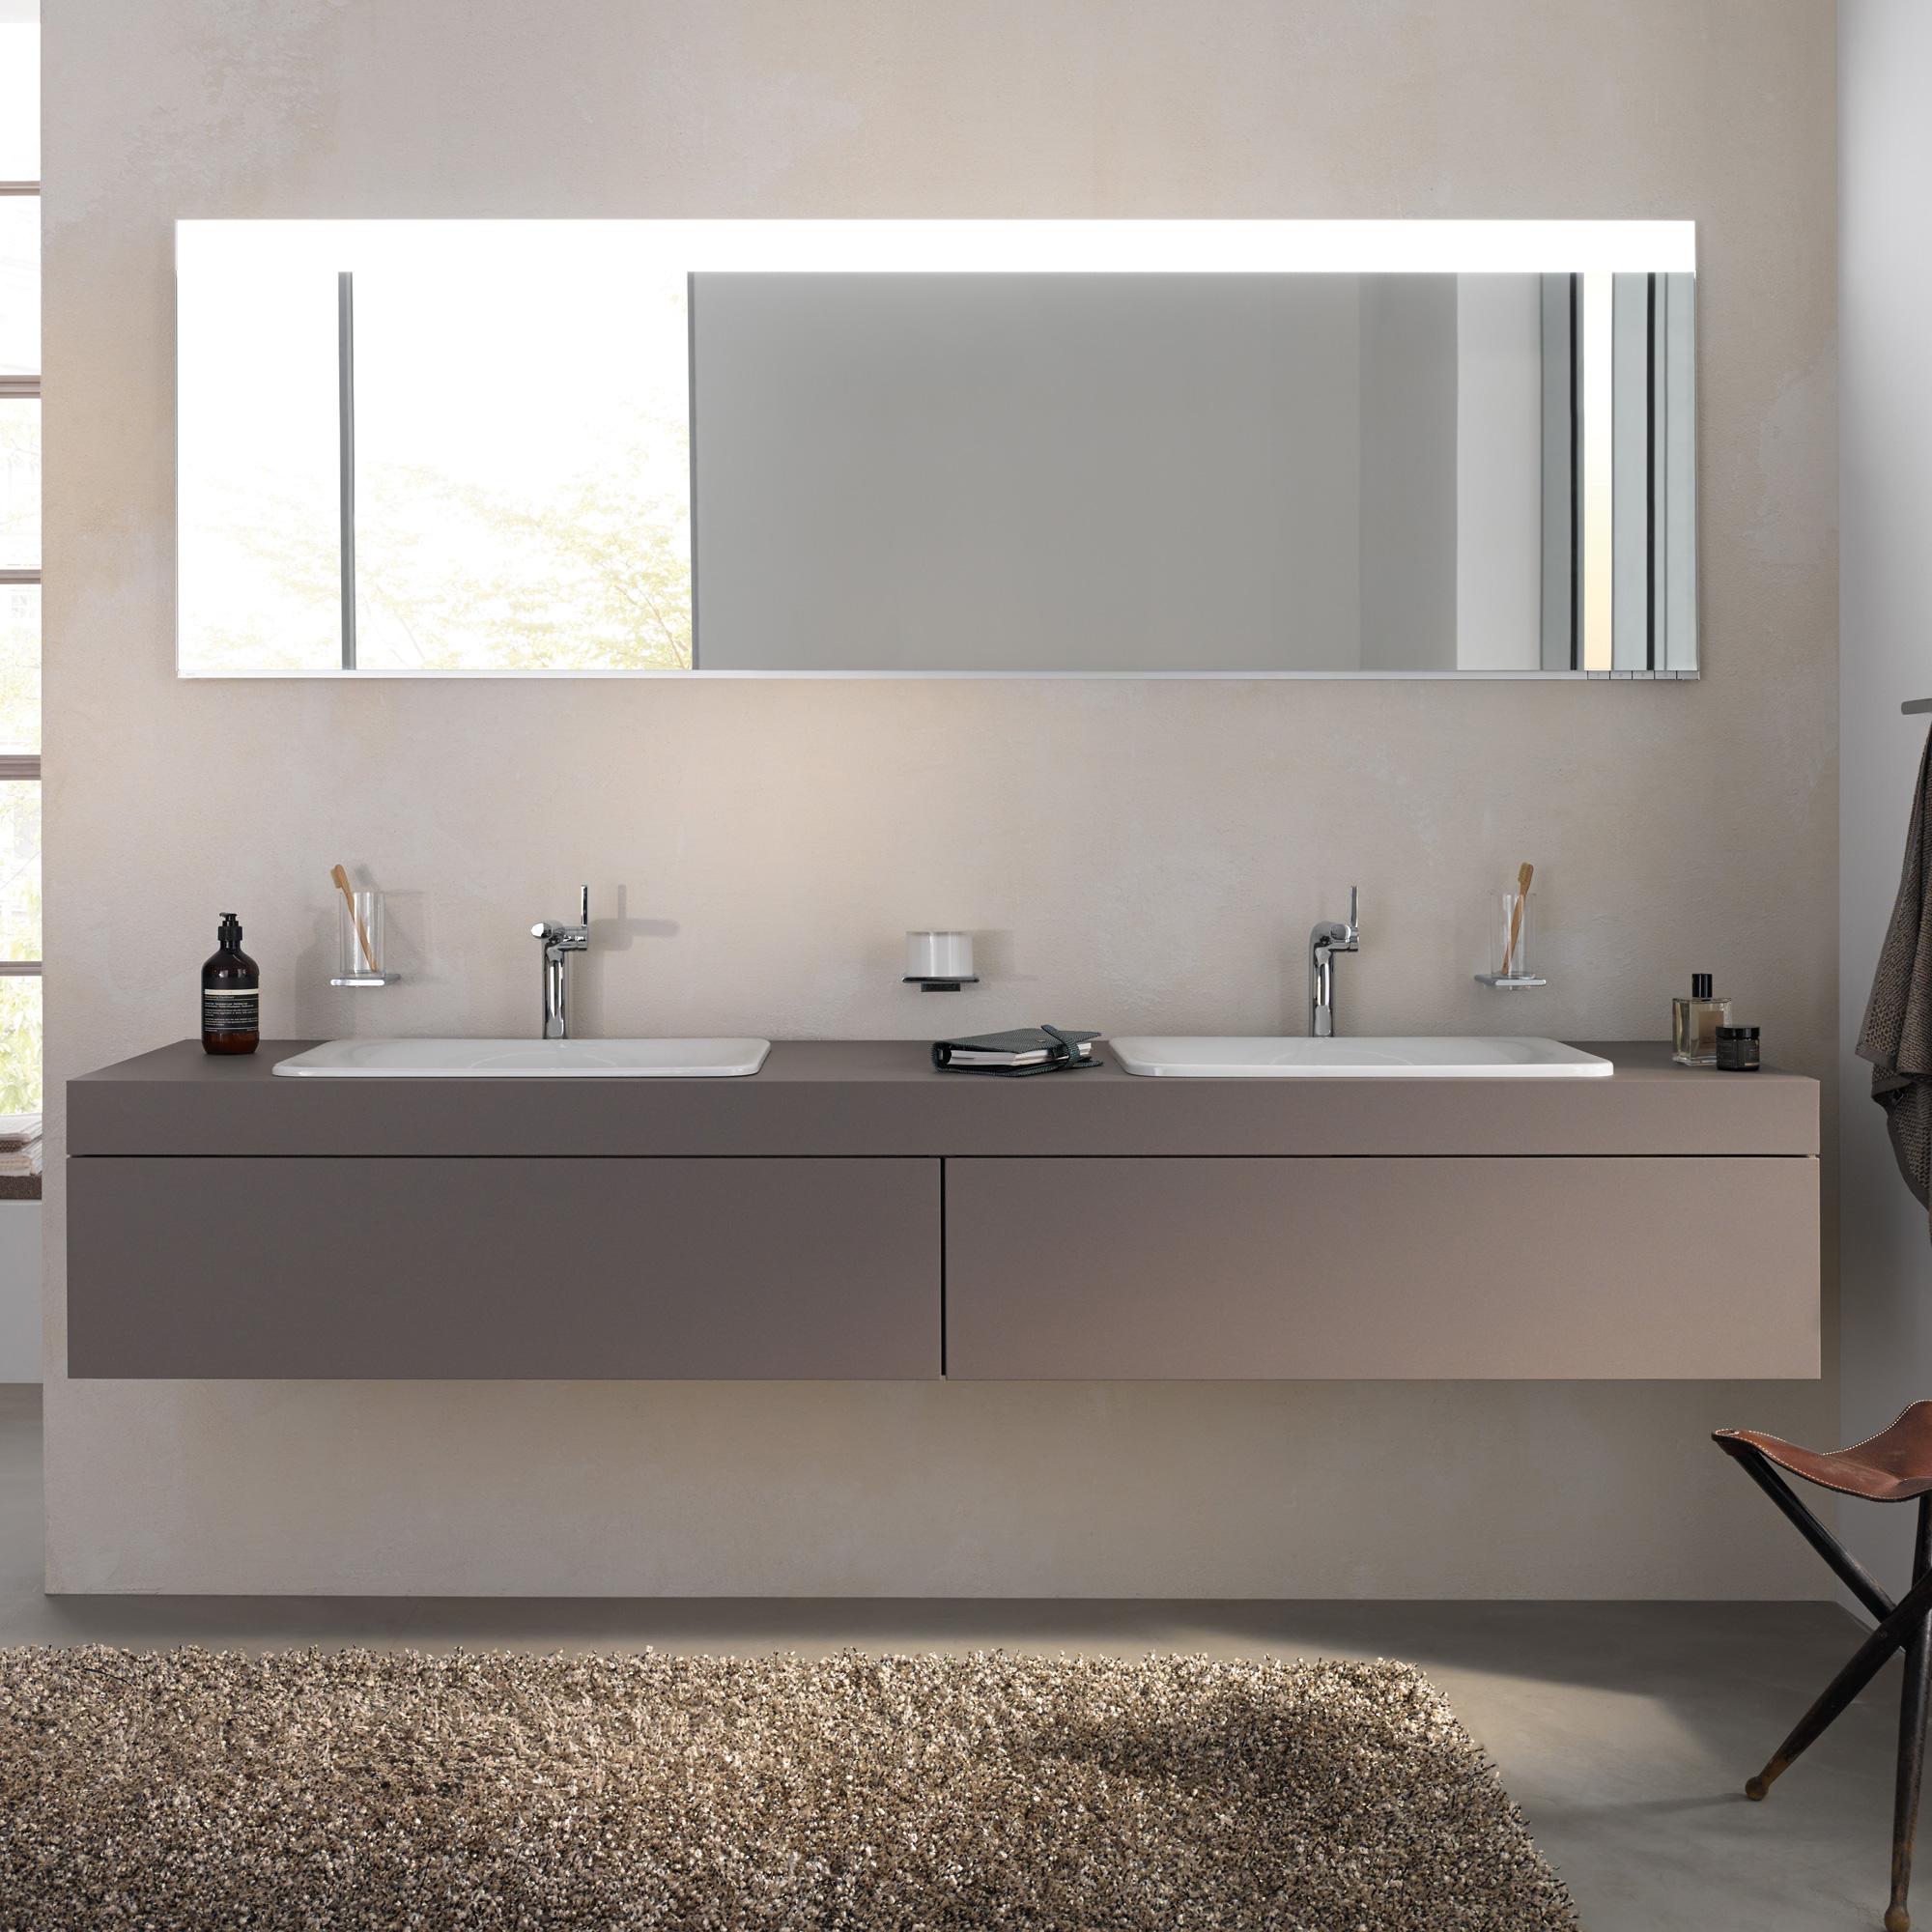 keuco edition 400 einbauwaschtisch 31570311600 reuter onlineshop. Black Bedroom Furniture Sets. Home Design Ideas